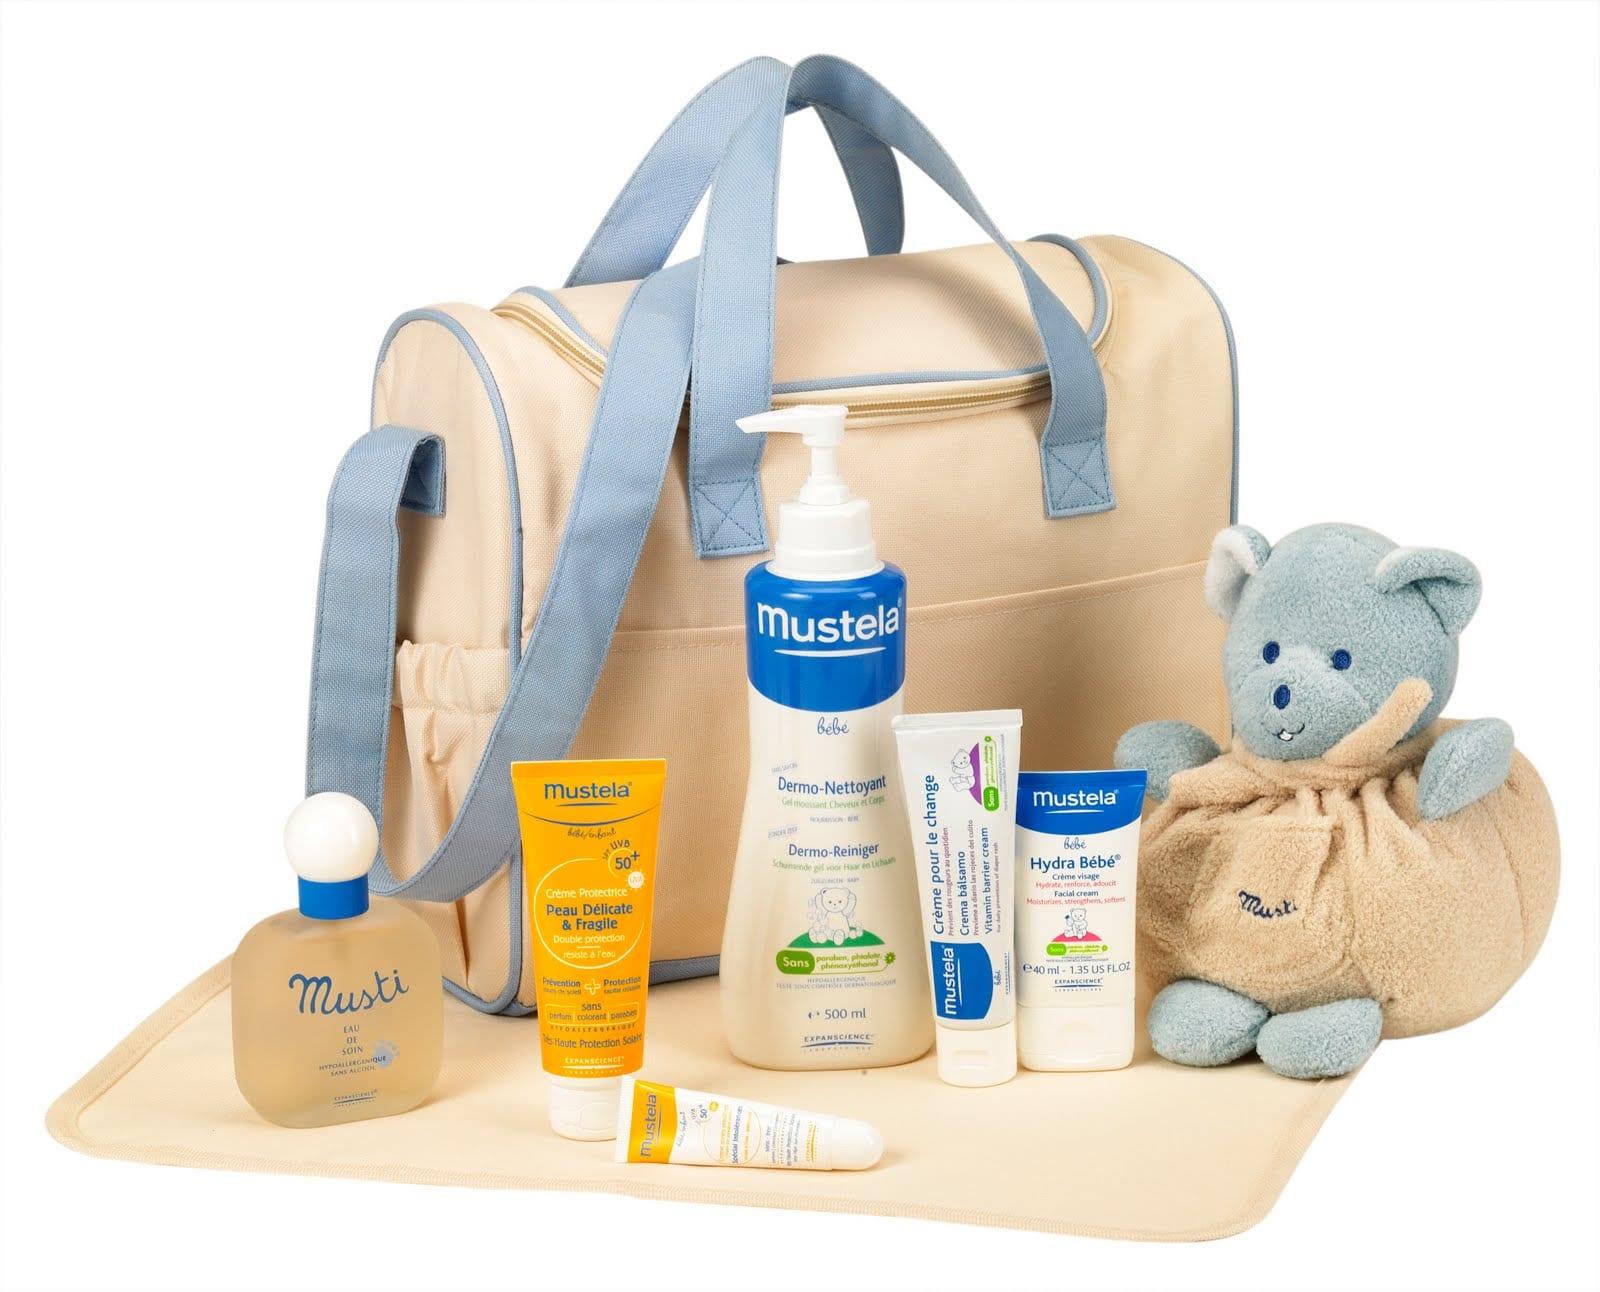 حقيبة الولادة و مستلزمات البيبي - مستلزمات الحمام